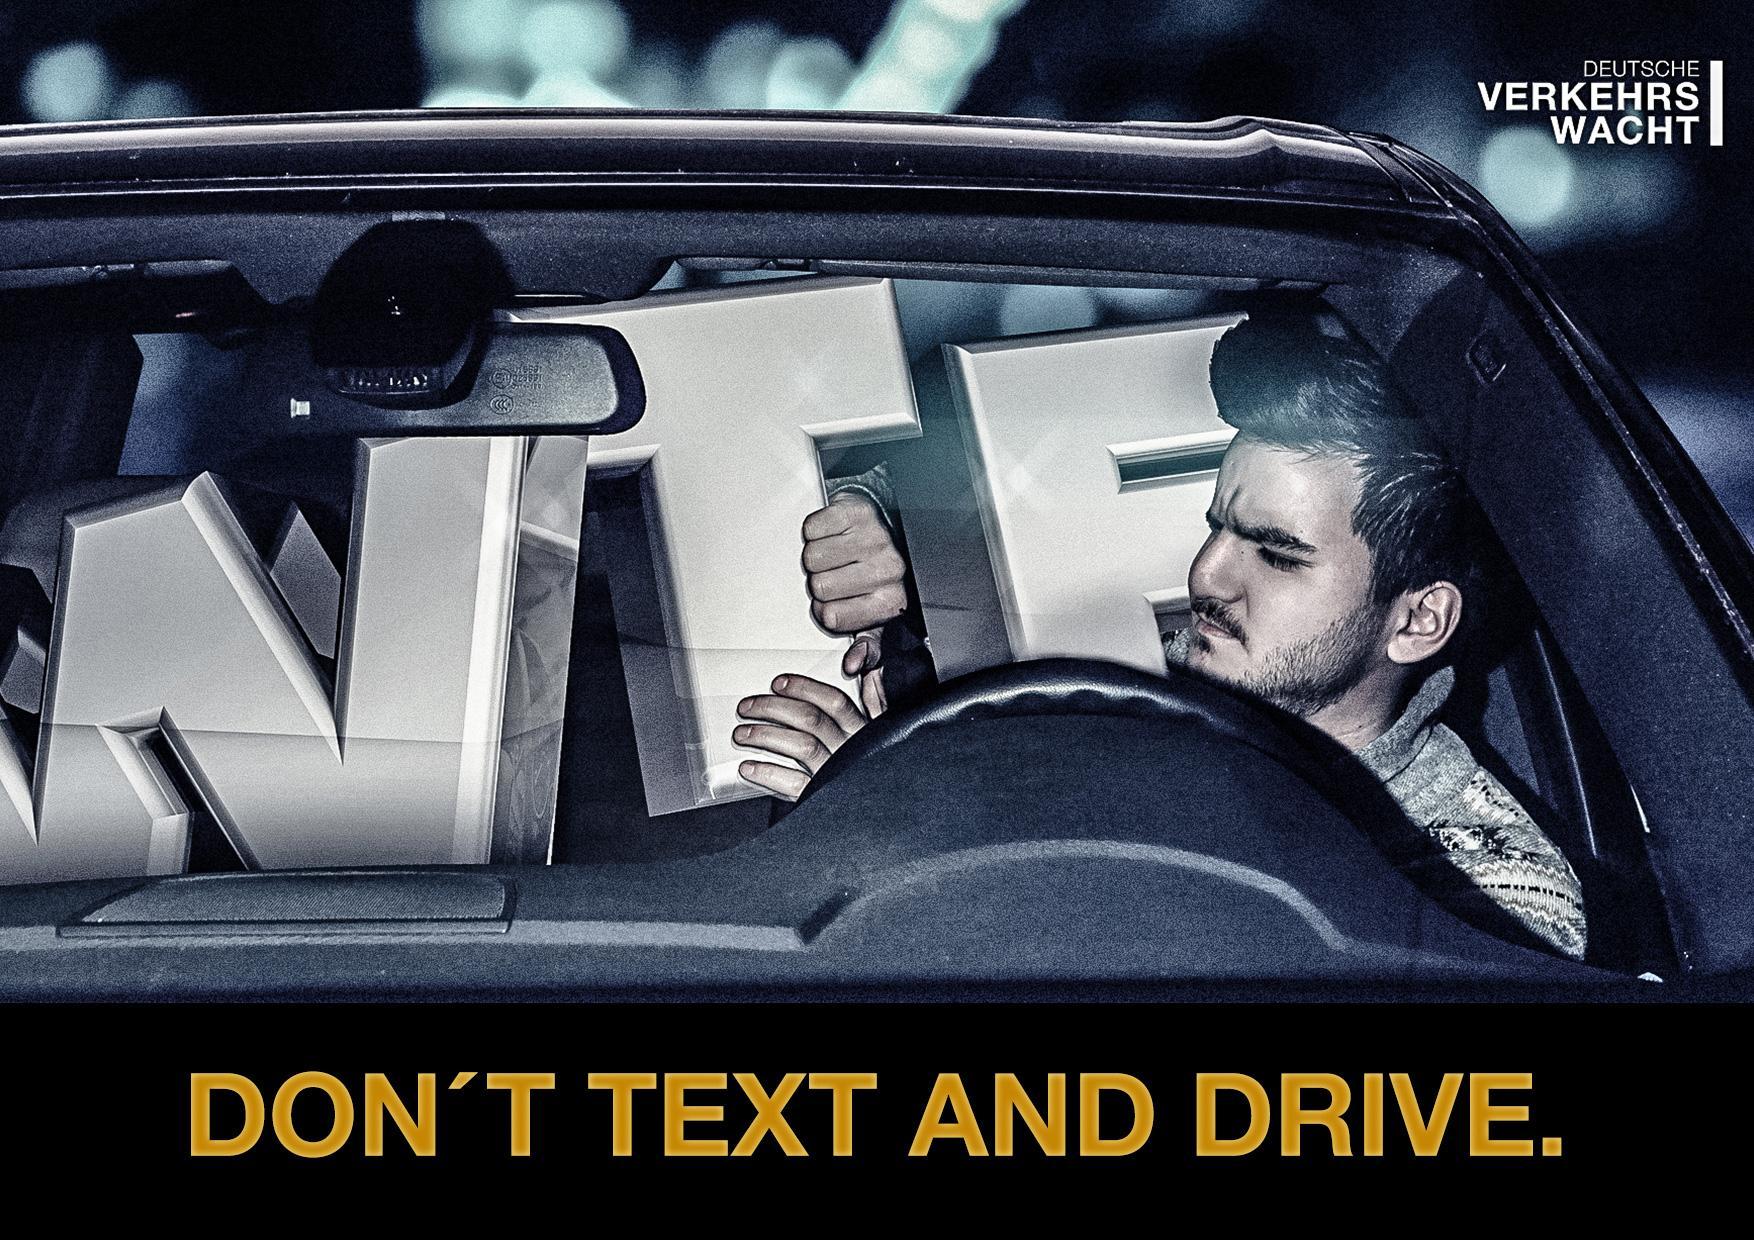 Deutsche Verkehrswacht Print Ad -  Driver, 3